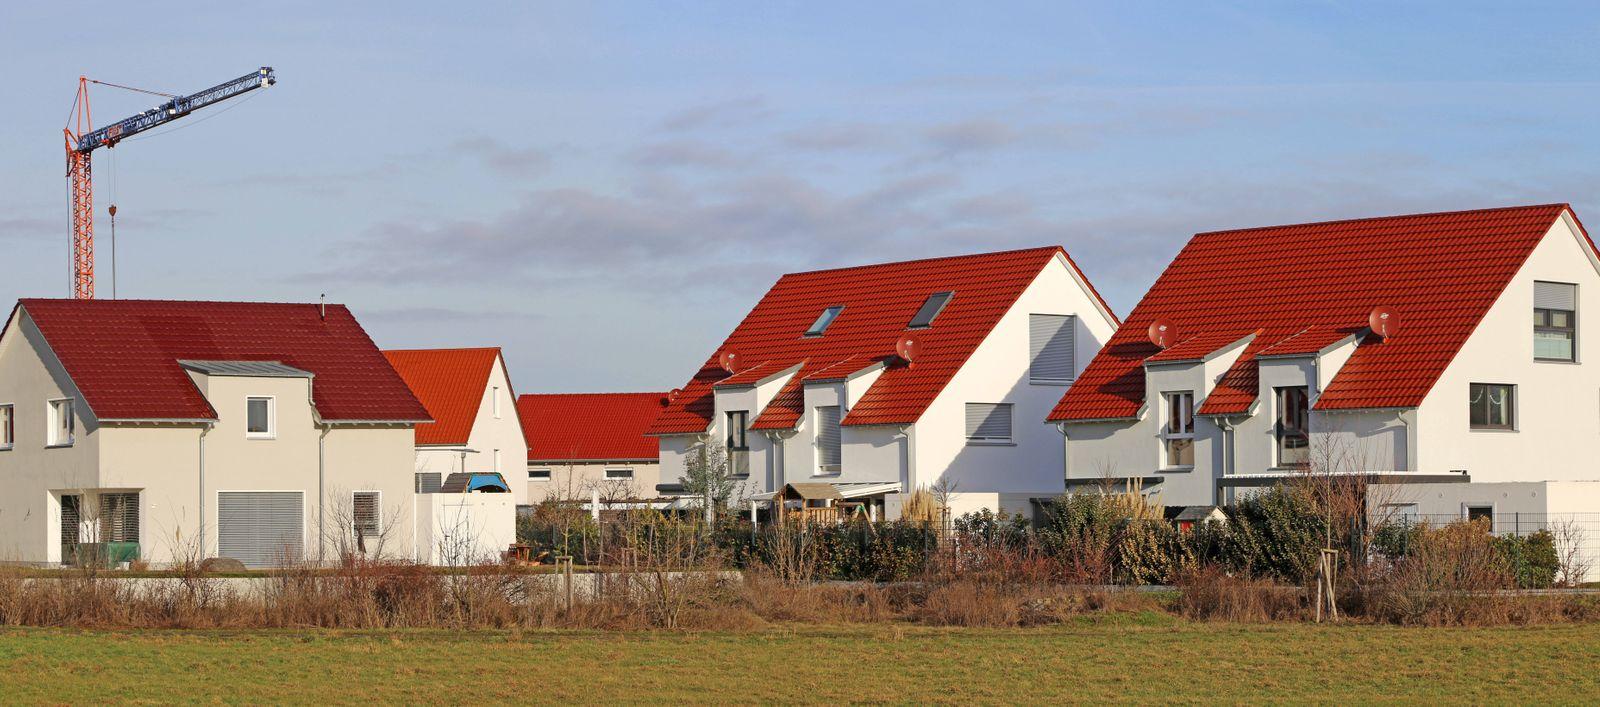 Neubaugebiet am Ortsrand von Neuhofen (Rheinland-Pfalz). Grünen-Fraktionschef Anton Hofreiter hat mit kritischen Aussag